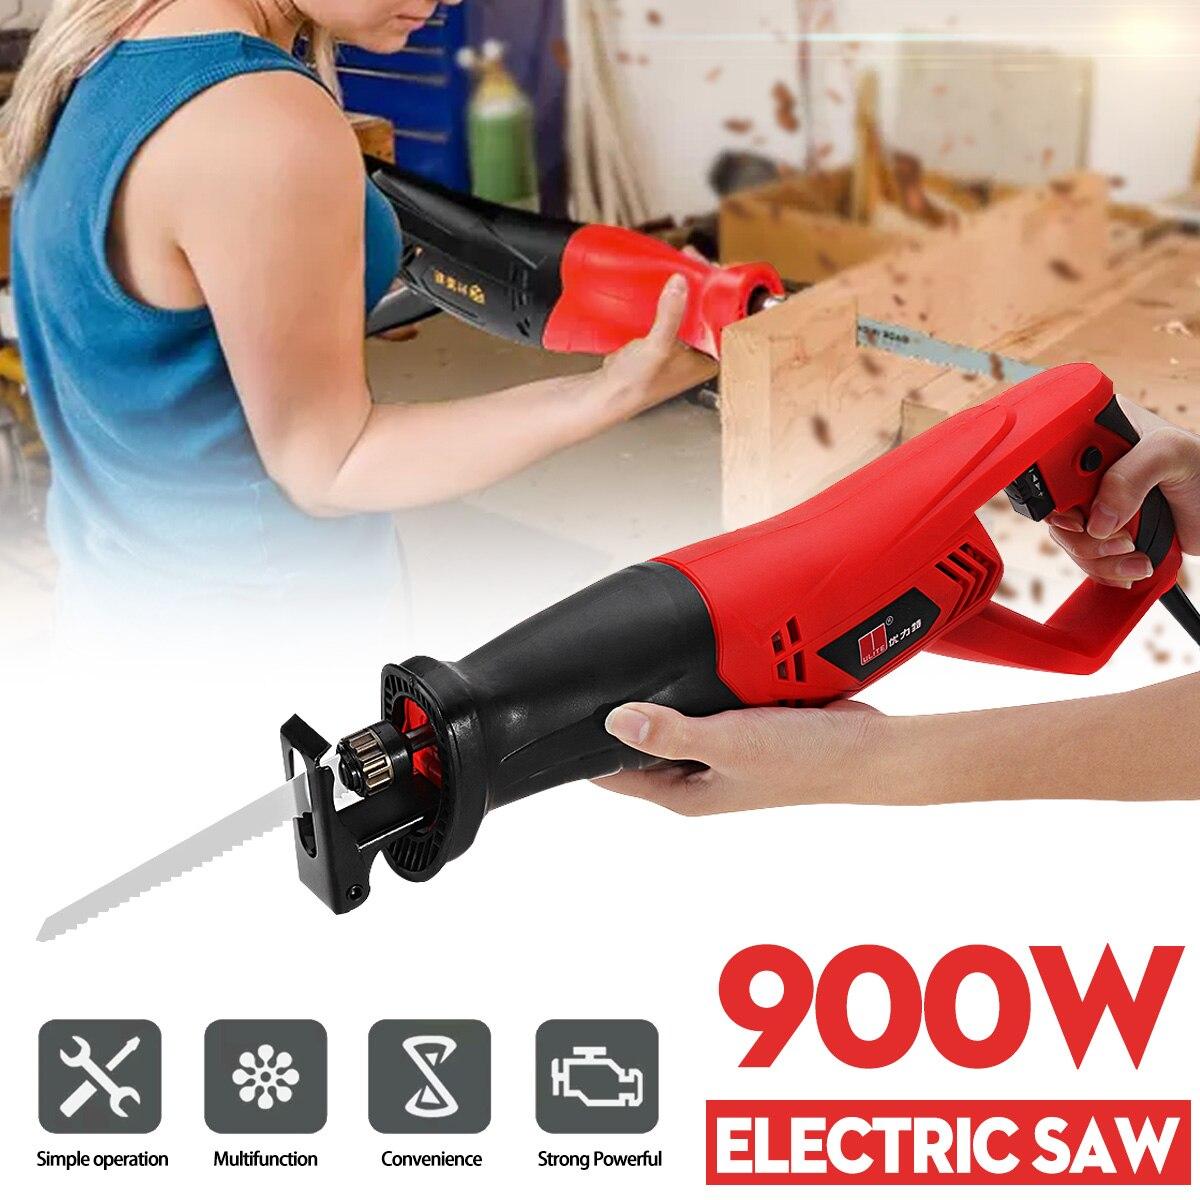 Haute qualité 220 V 900 W scie alternative électrique sabre convertir adaptateur 2 lames bois métal plastique élagage puissance tronçonneuse outil